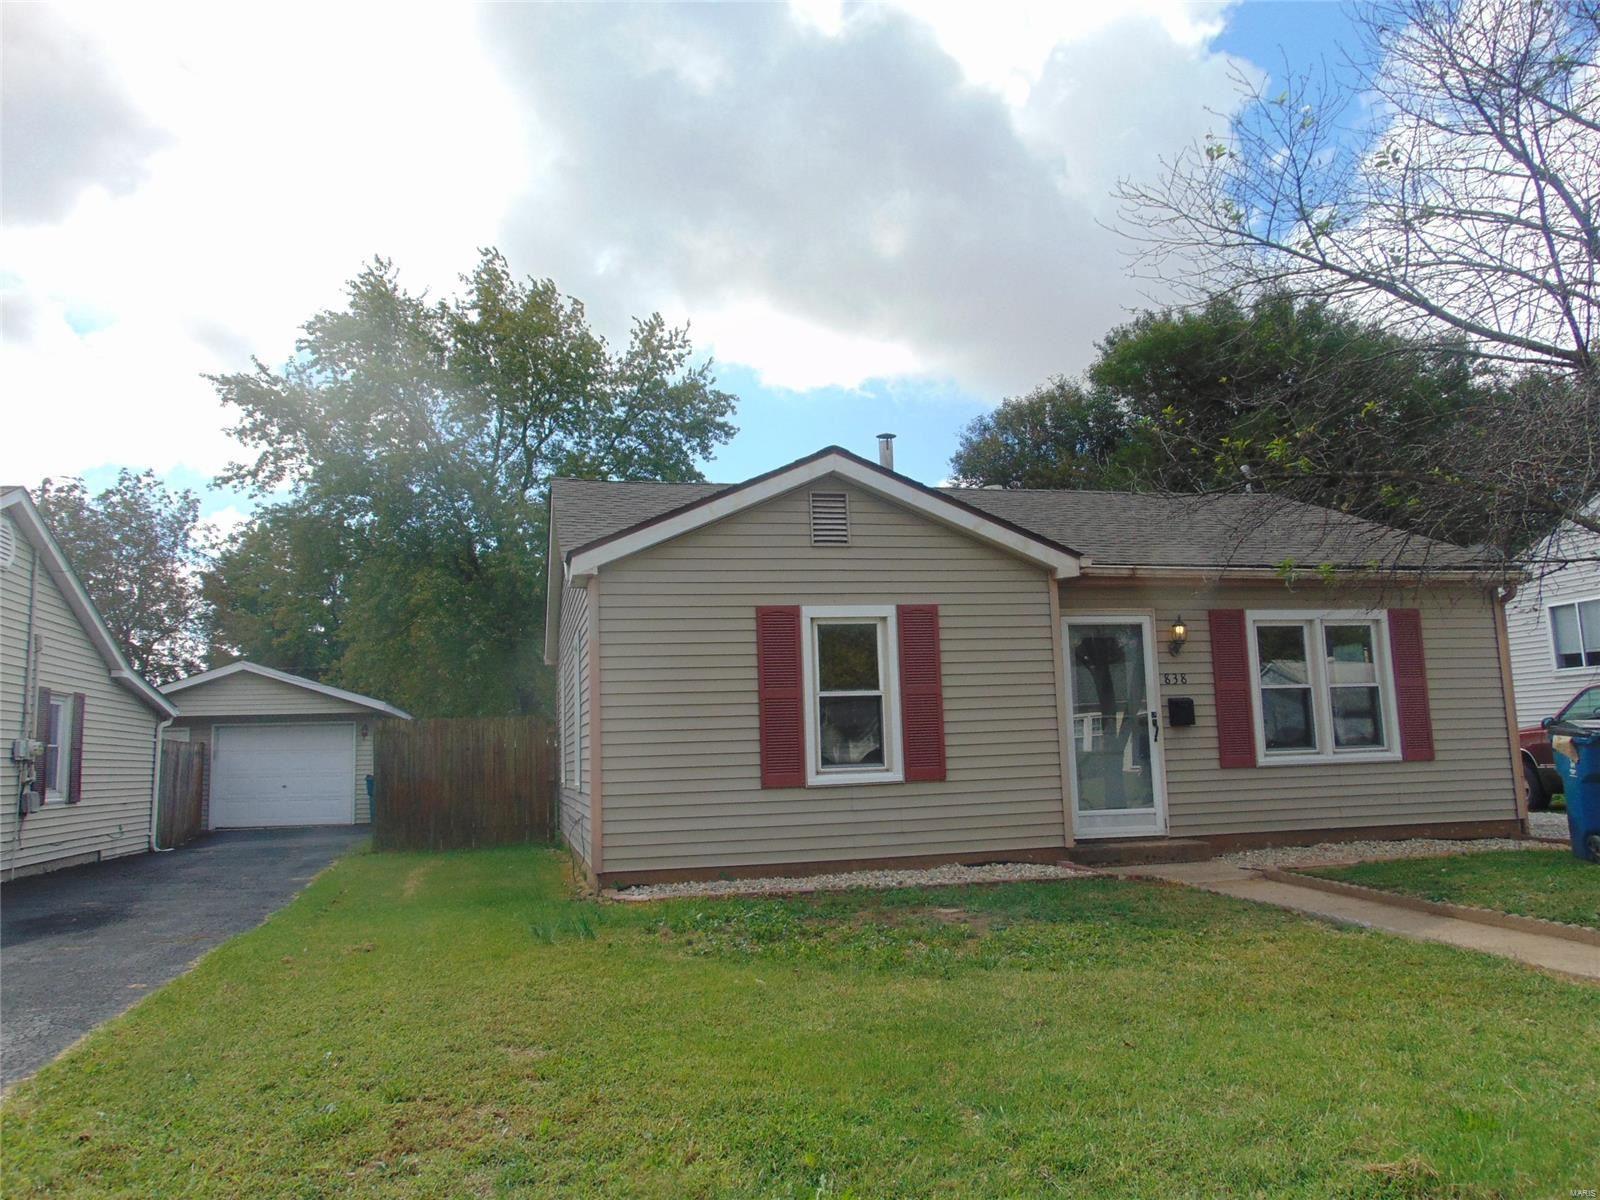 838 Tennyson, Wood River, IL 62025 - MLS#: 21071501